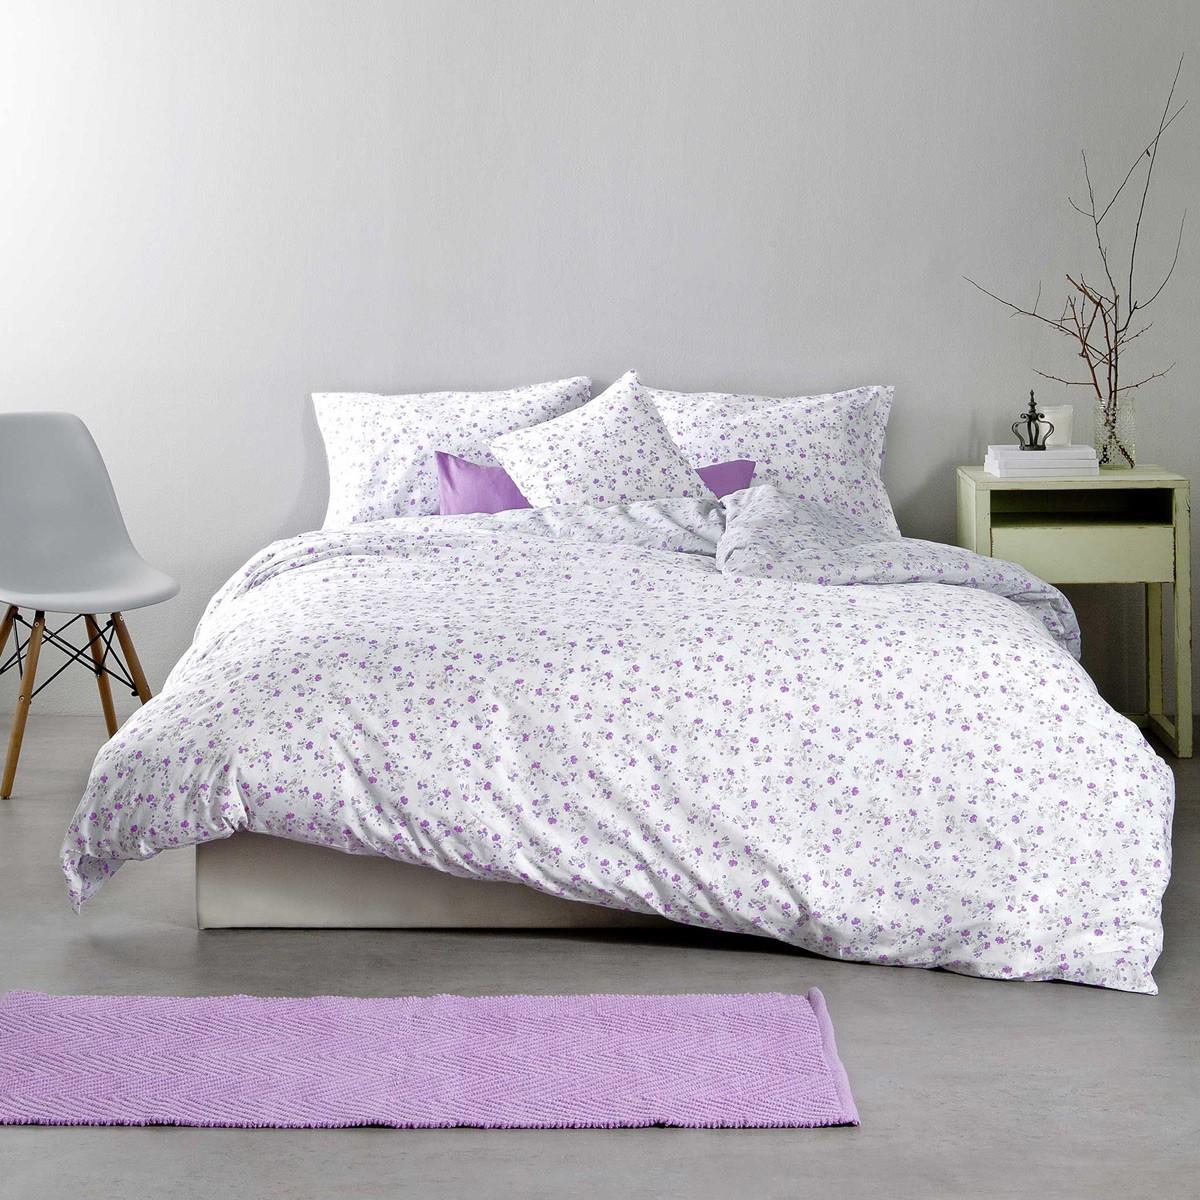 Κουβερλί Μονό Nima Bed Linen Secret Garden Lilac